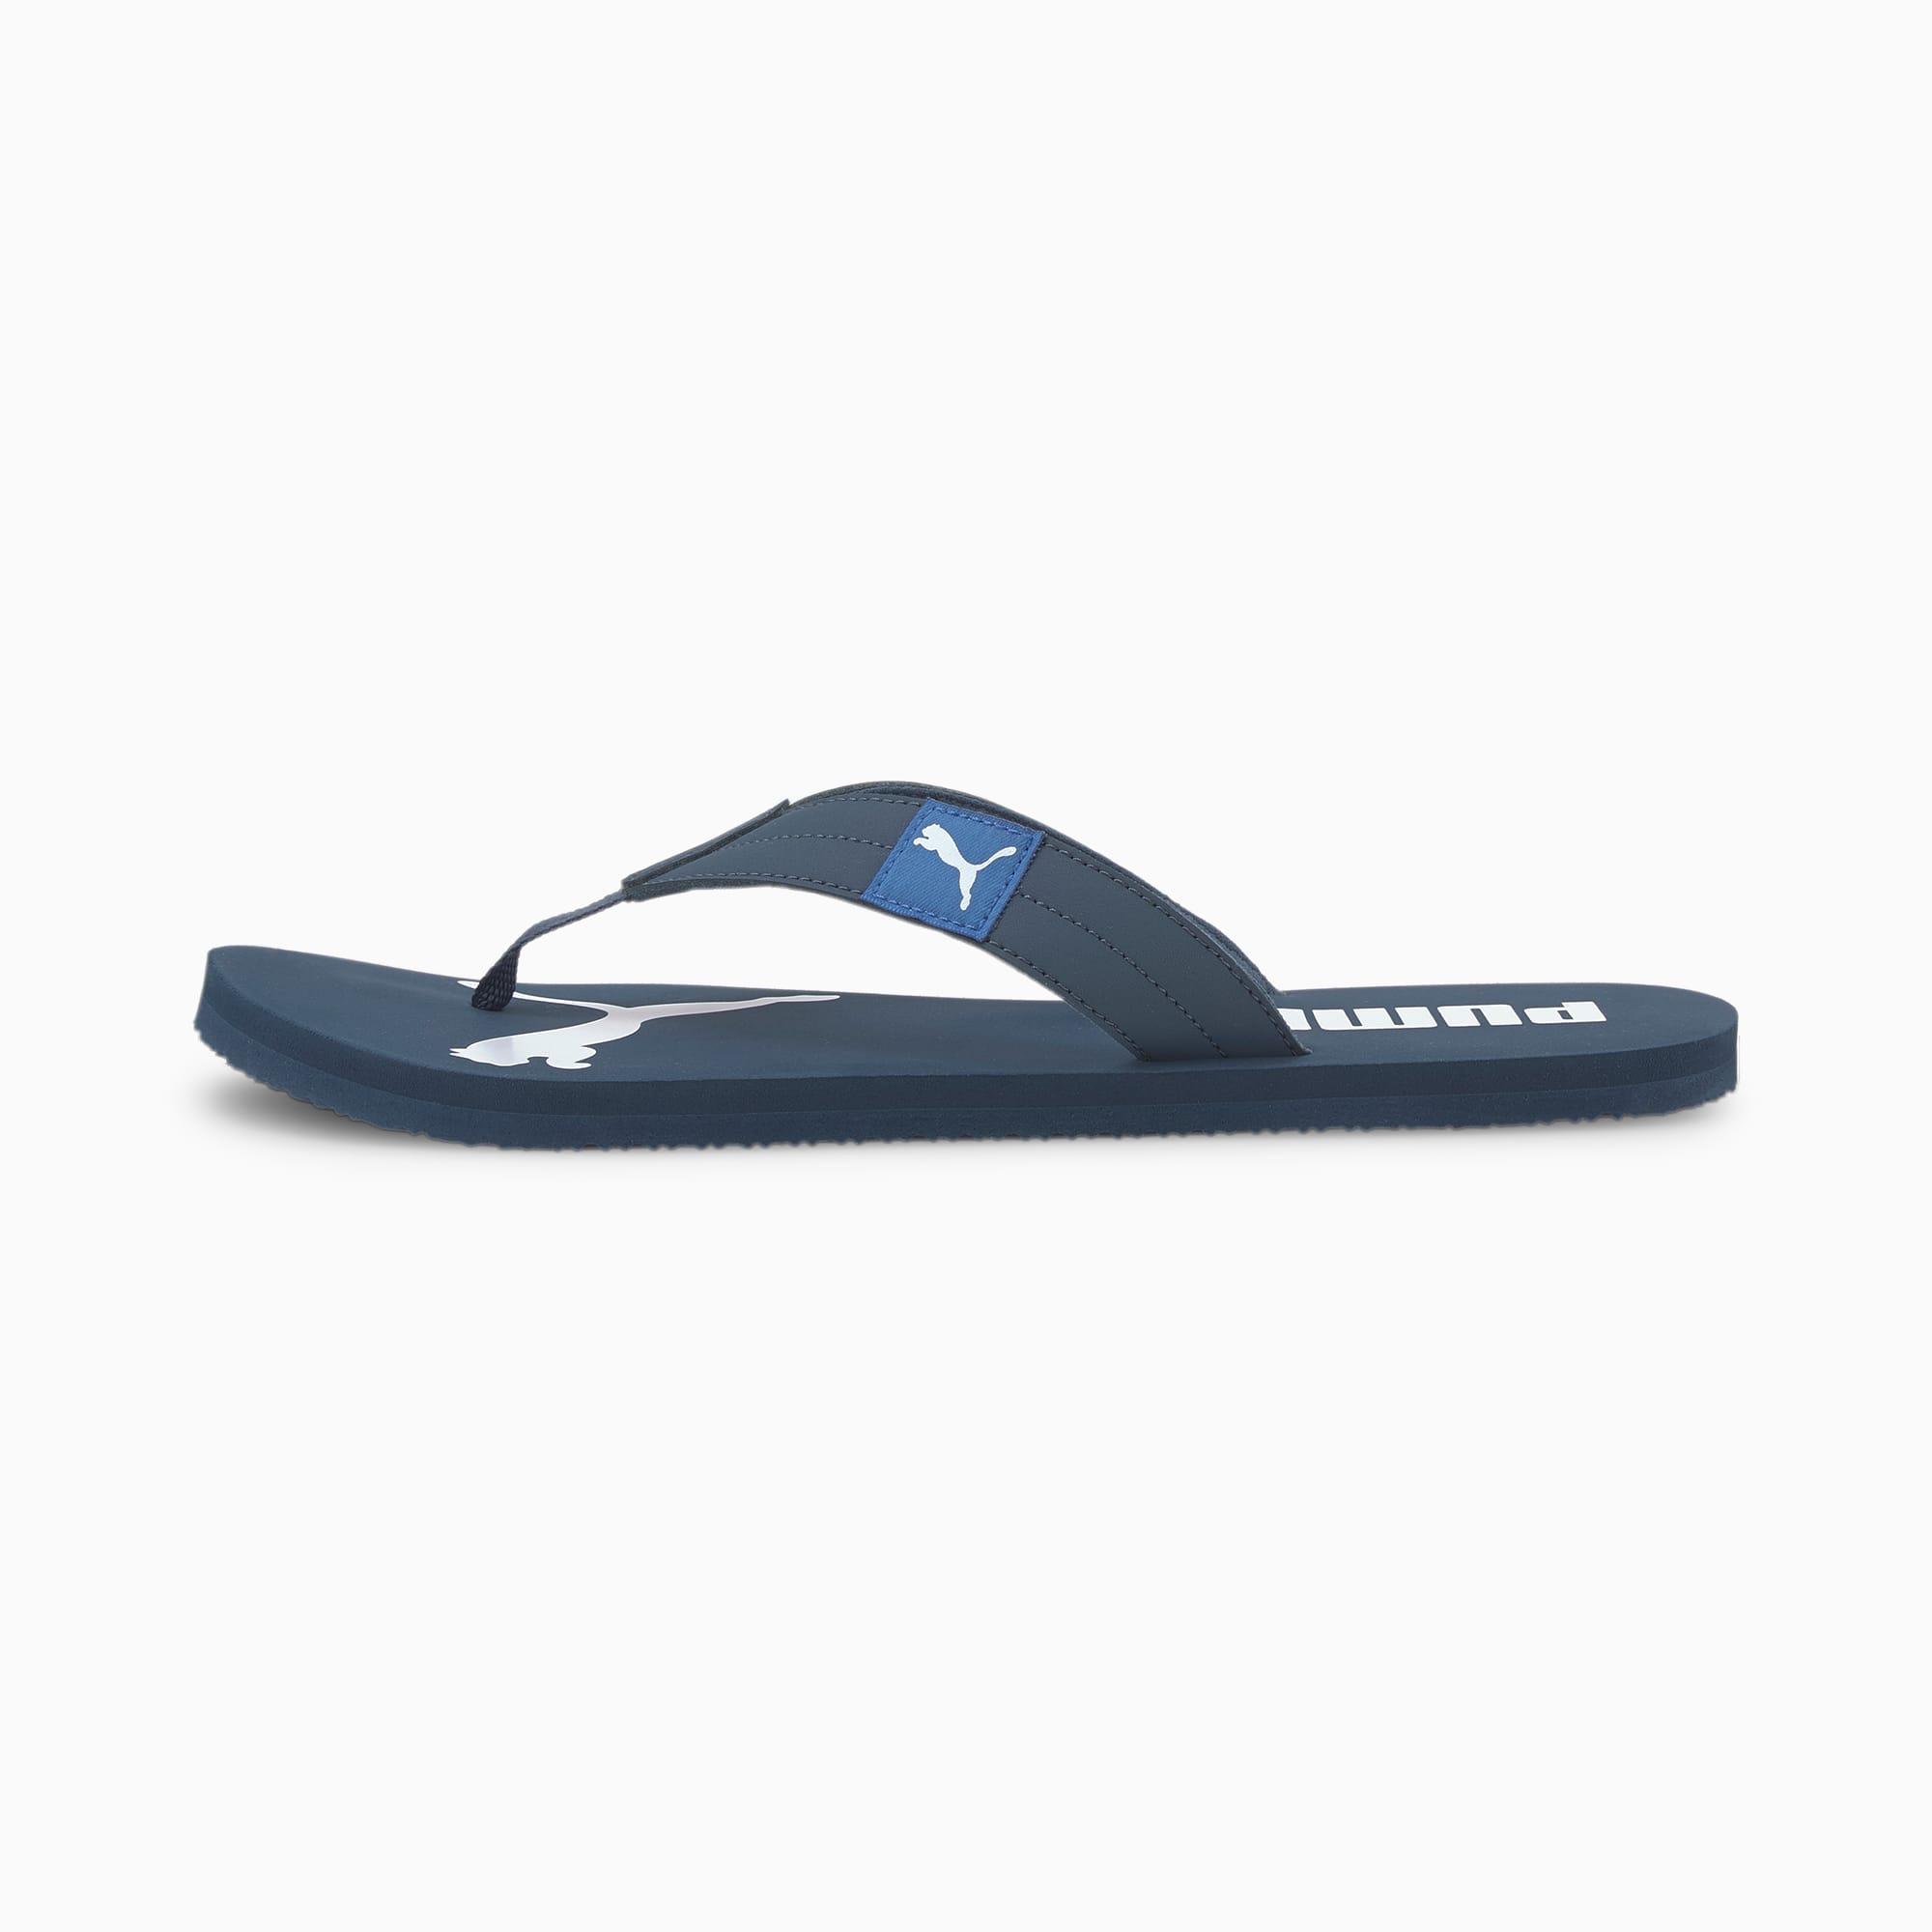 PUMA Sandaly Cosy Flip, Niebieski, rozmiar 39, Obuwie